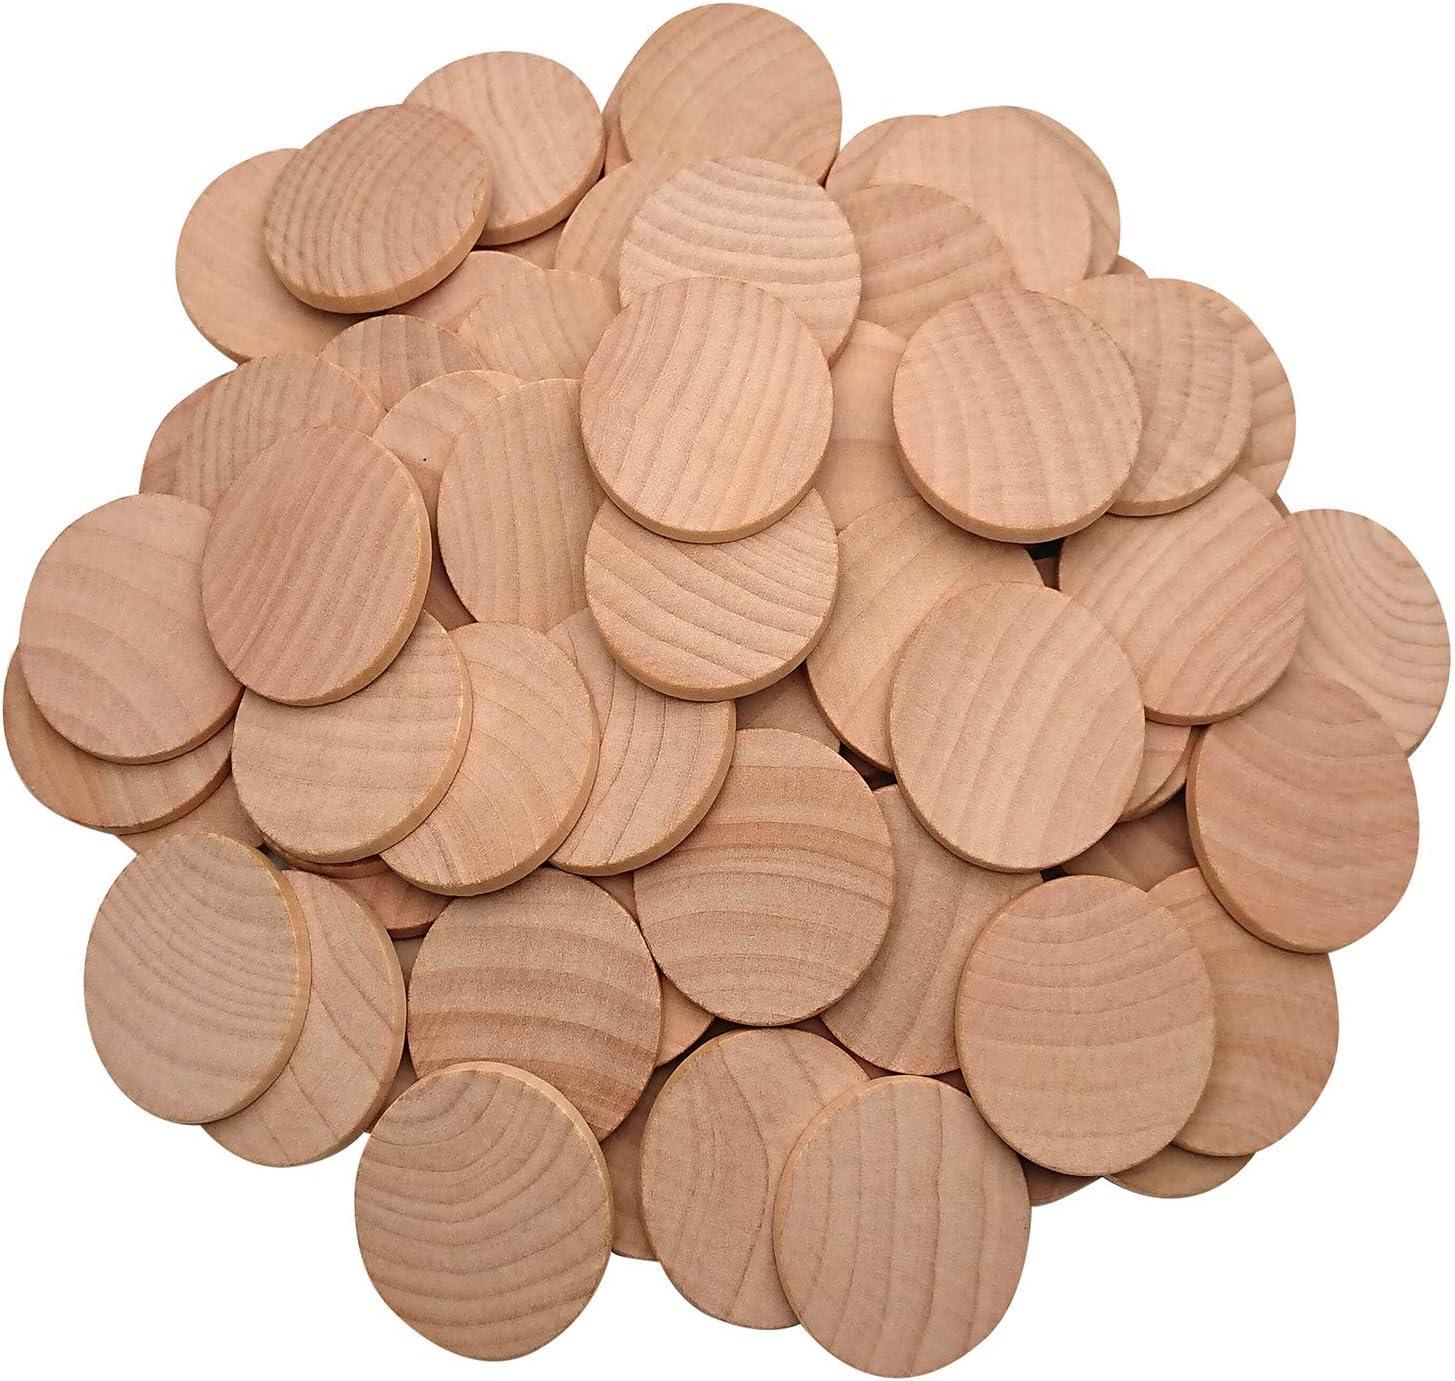 38mm//1.5inch 100 pezzi di fette in legno naturale non finito cerchi in legno pronti per essere dipinti e decorati.